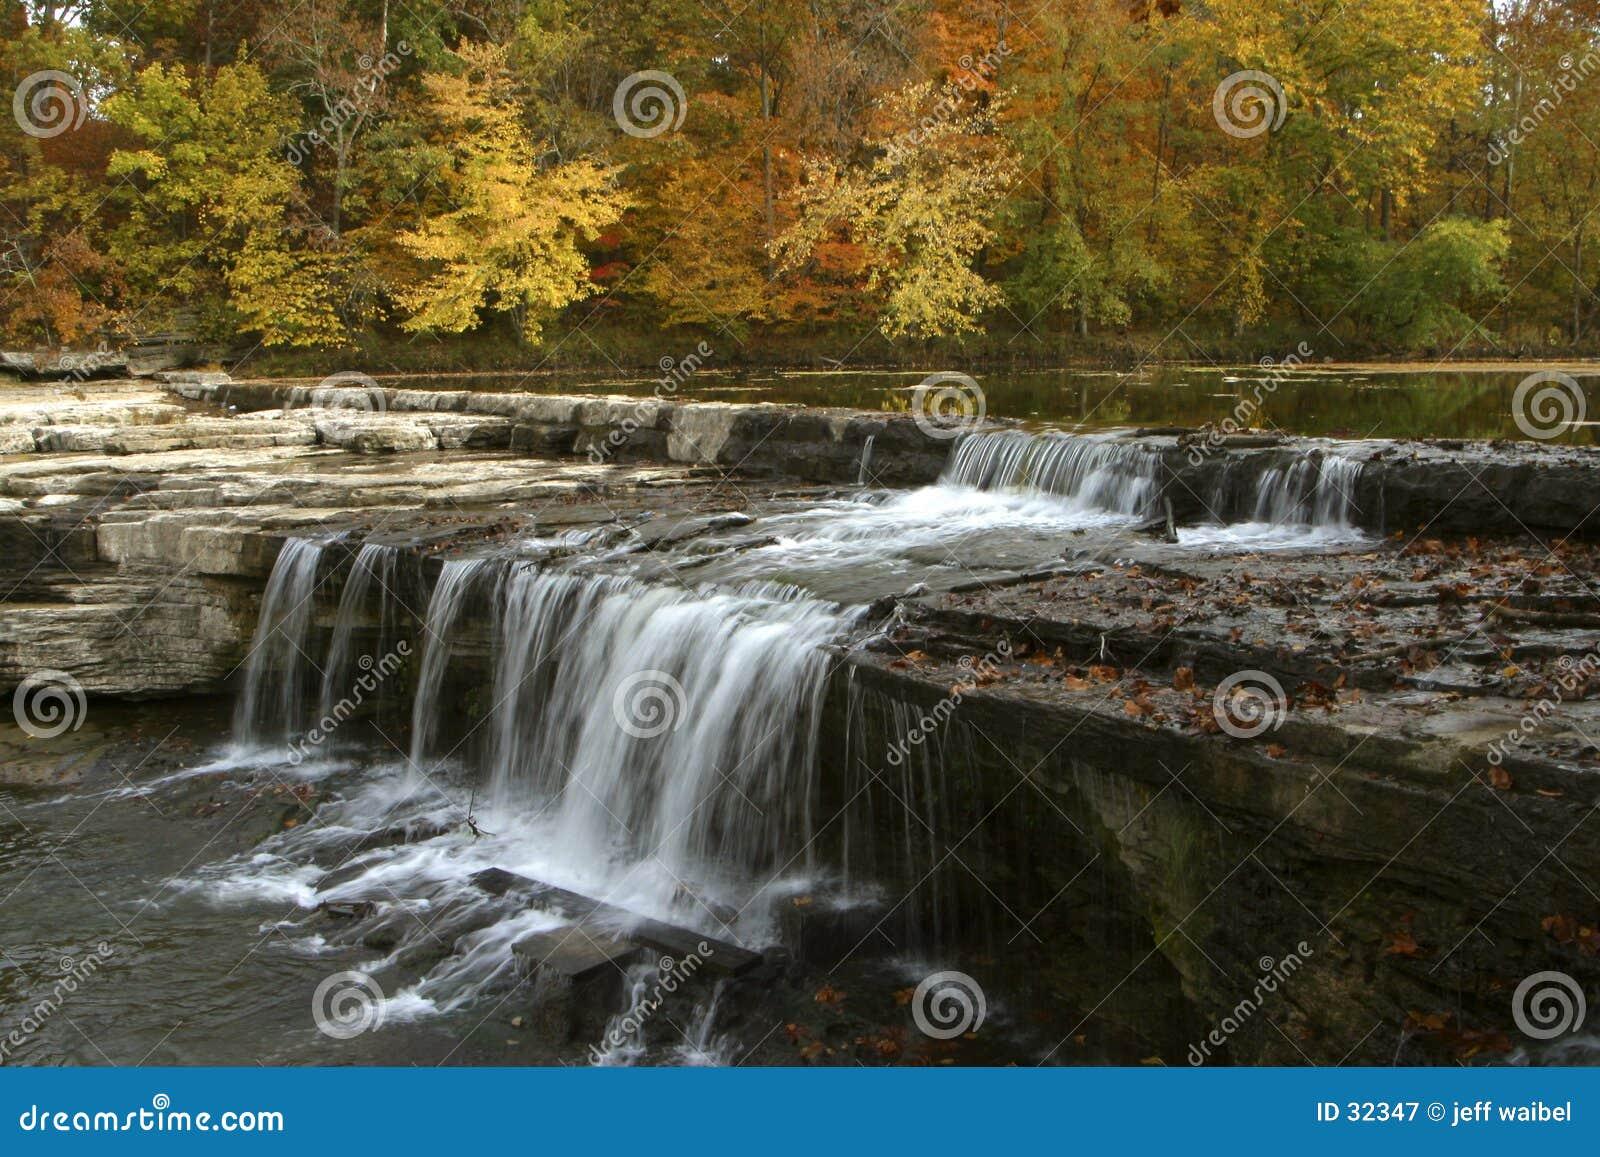 Download Hojas de otoño y cascada imagen de archivo. Imagen de anaranjado - 32347